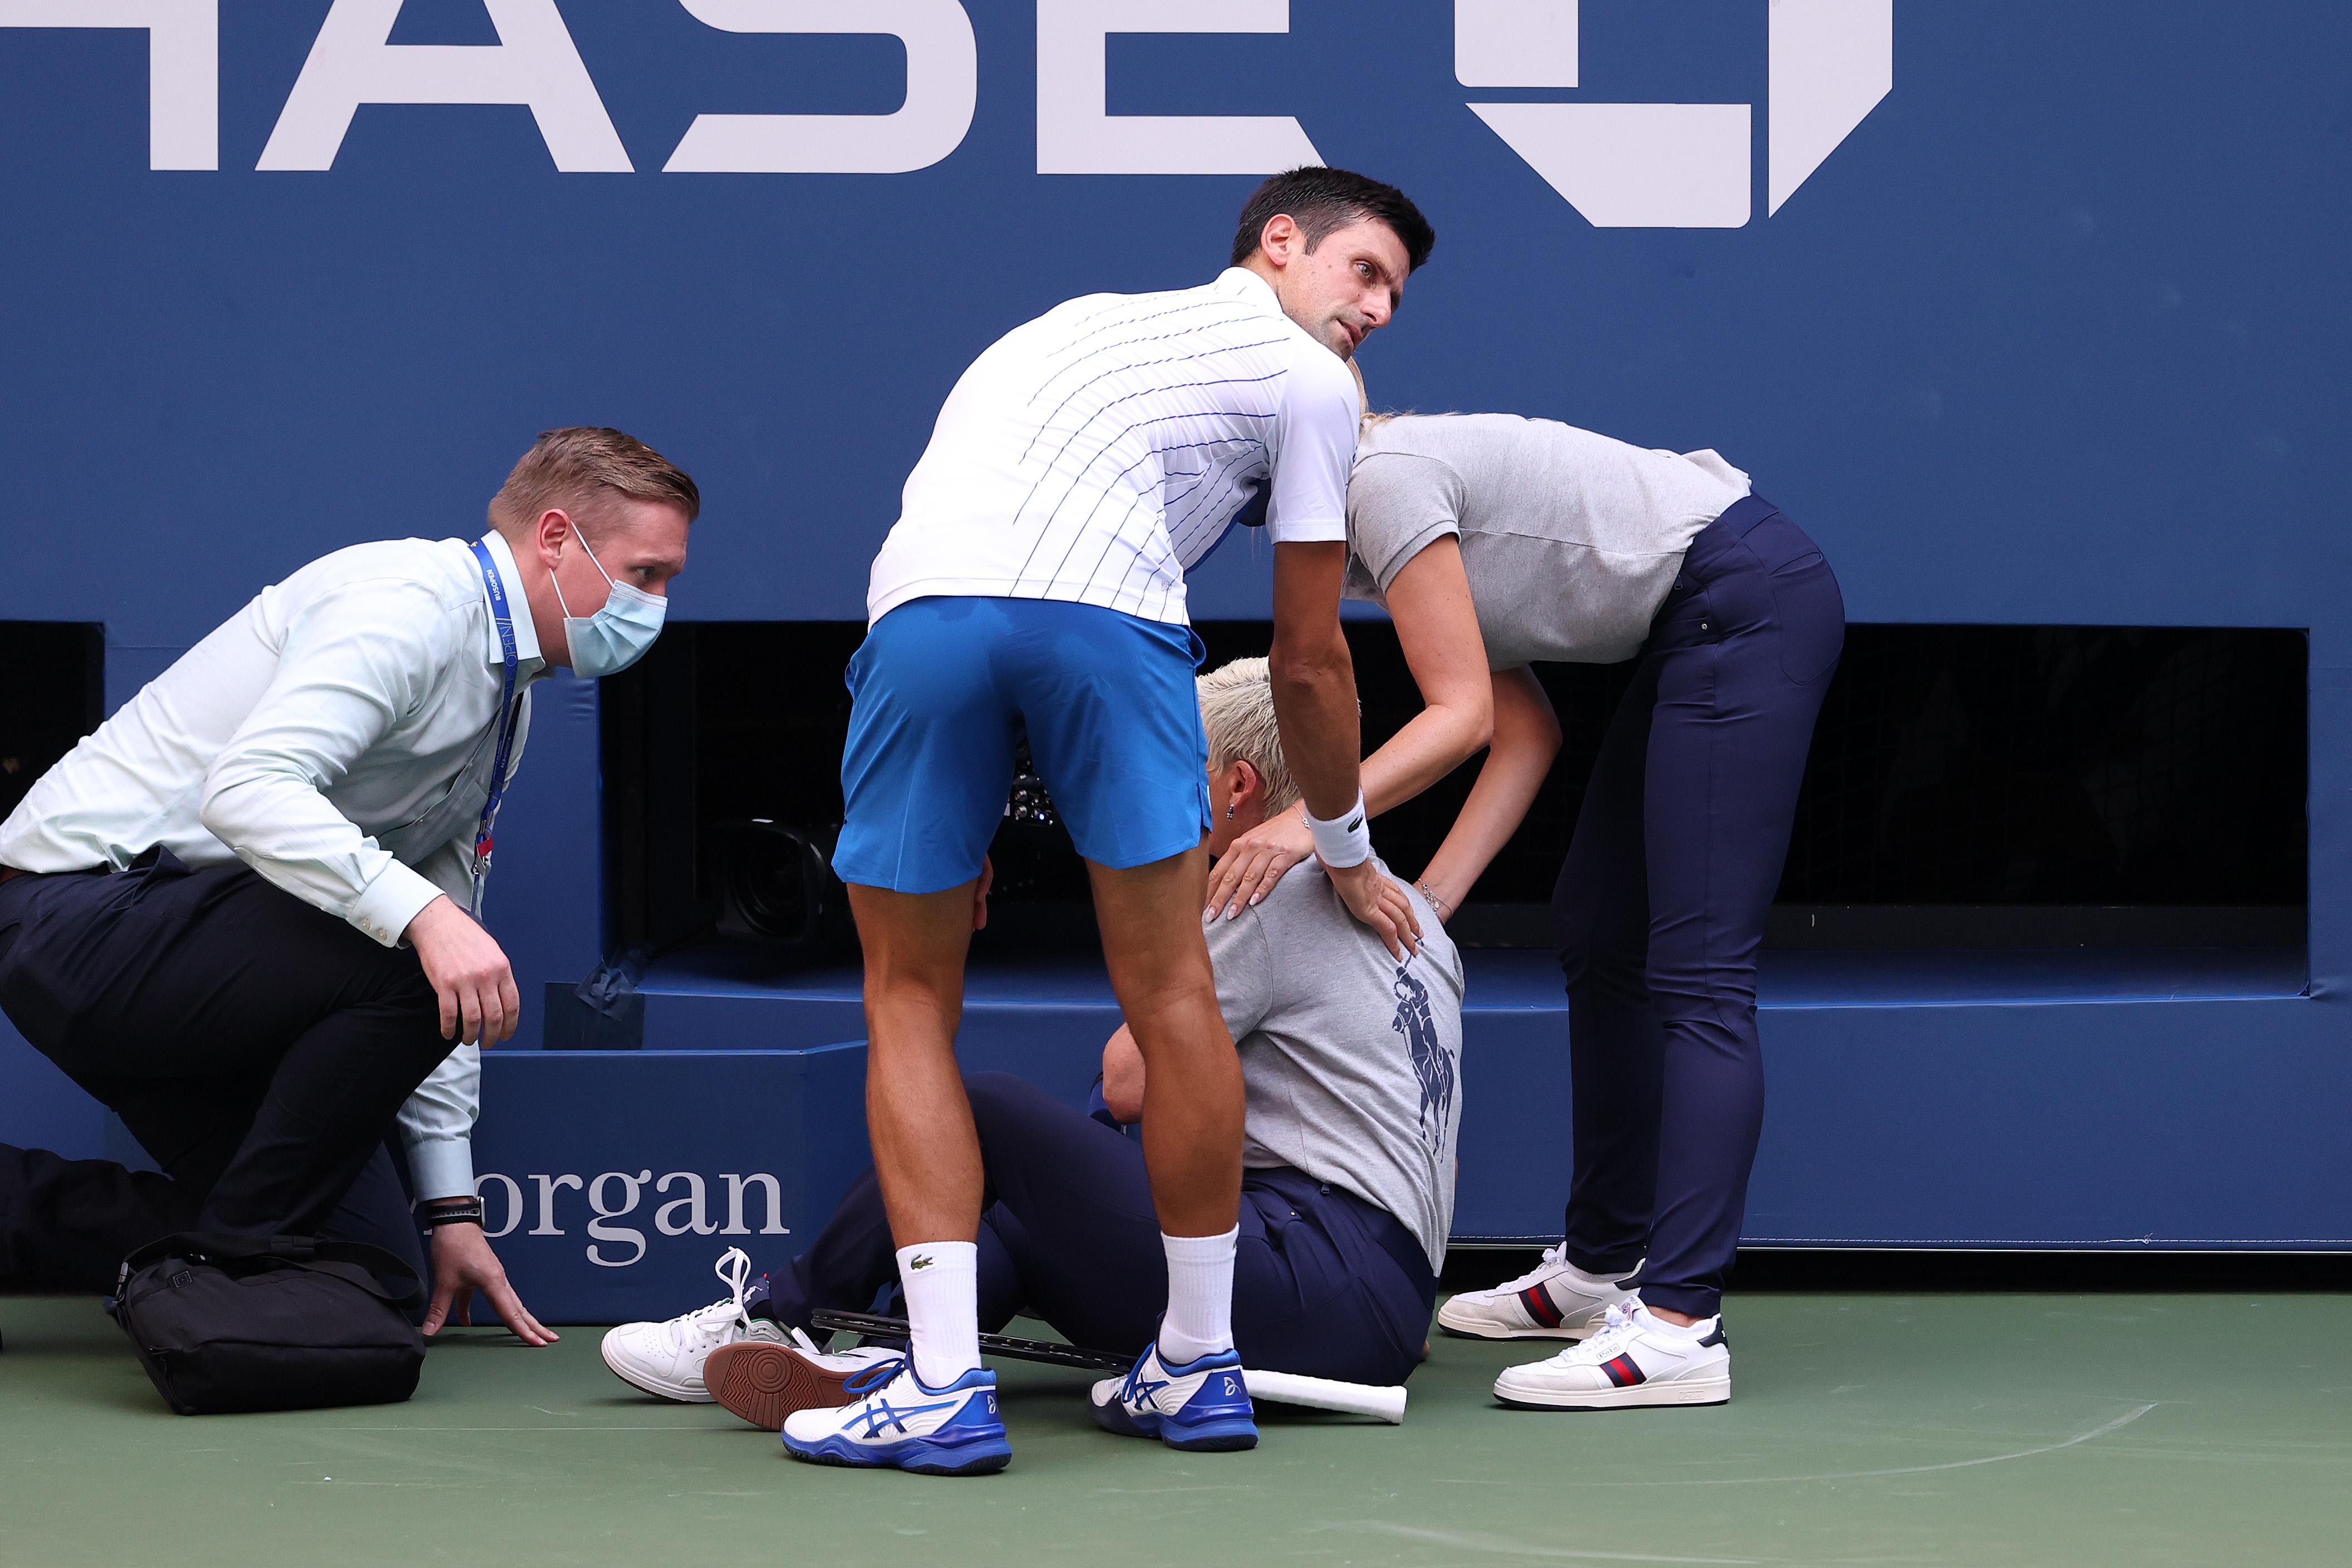 Us Open Novak Djokovic Out On Default After Hitting Line Judge